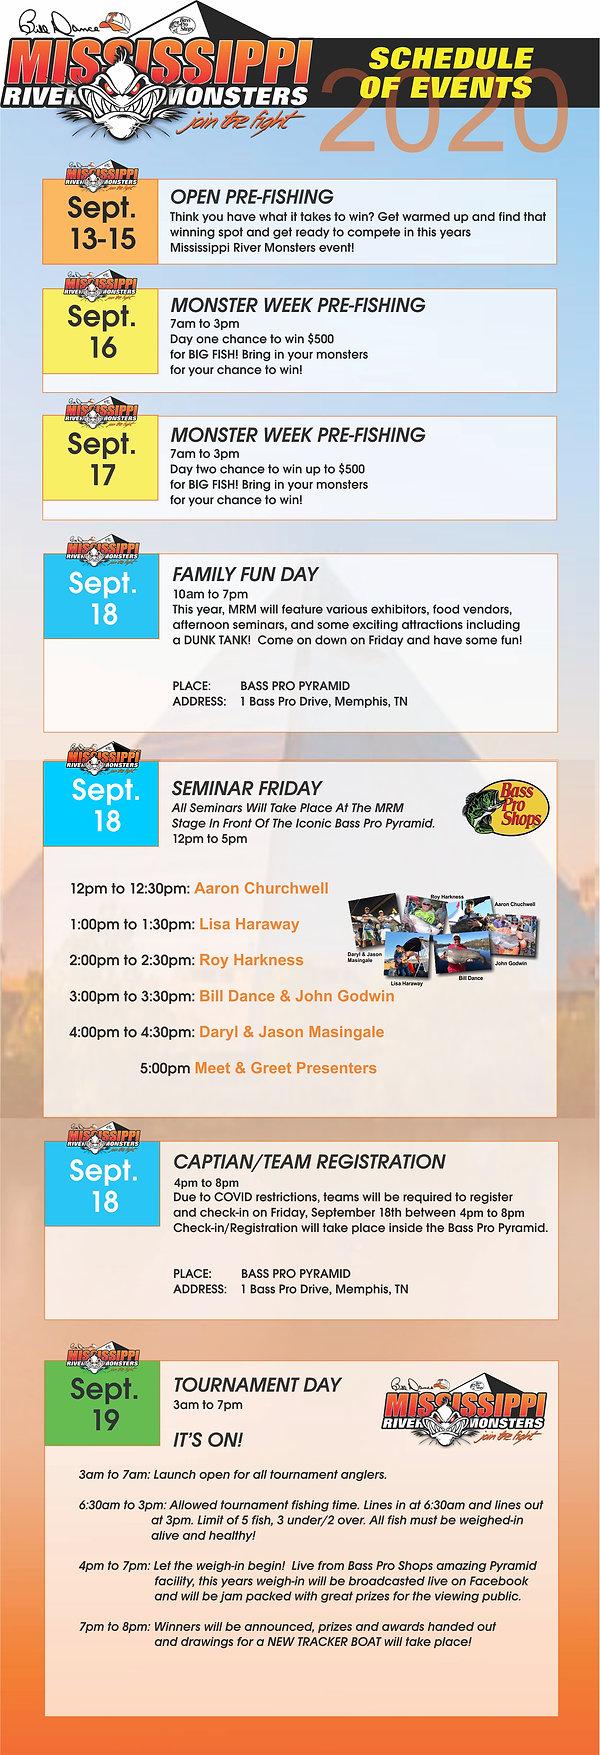 MRMSchedule Of Events2020.jpg